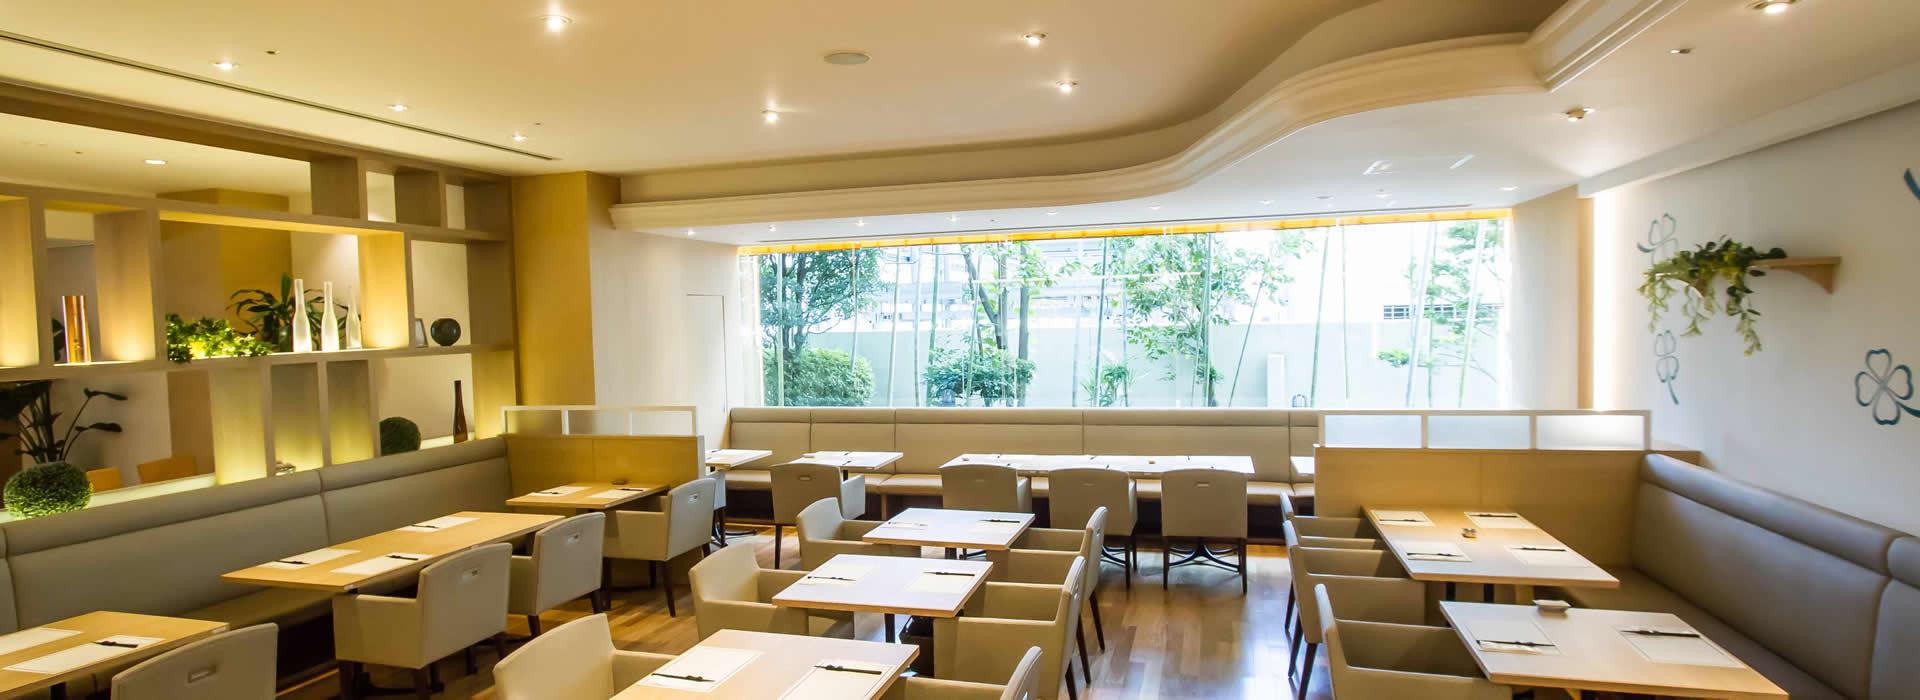 WEB注文 レンブラントホテル大分【公式】レンブラントグループホテル